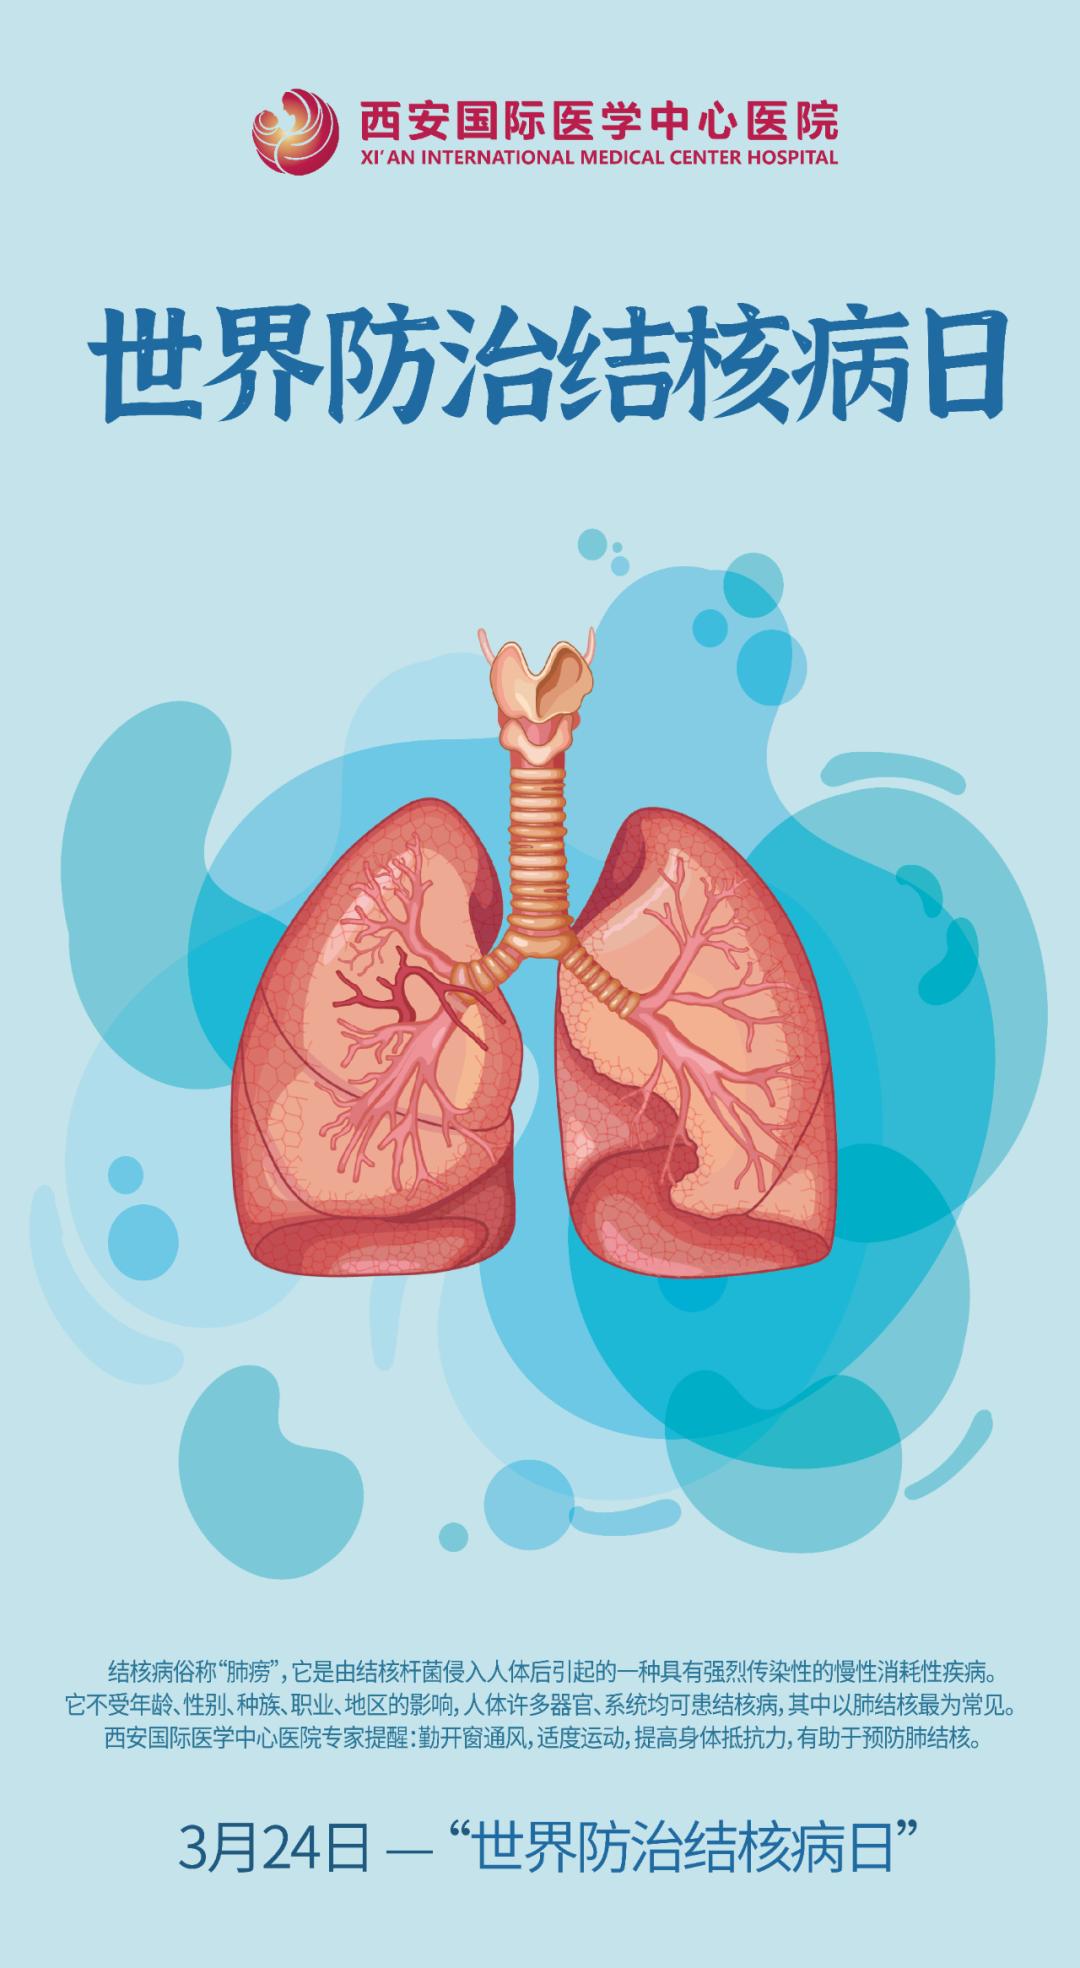 世界防治结核病日 终结结核流行 自由健康呼吸